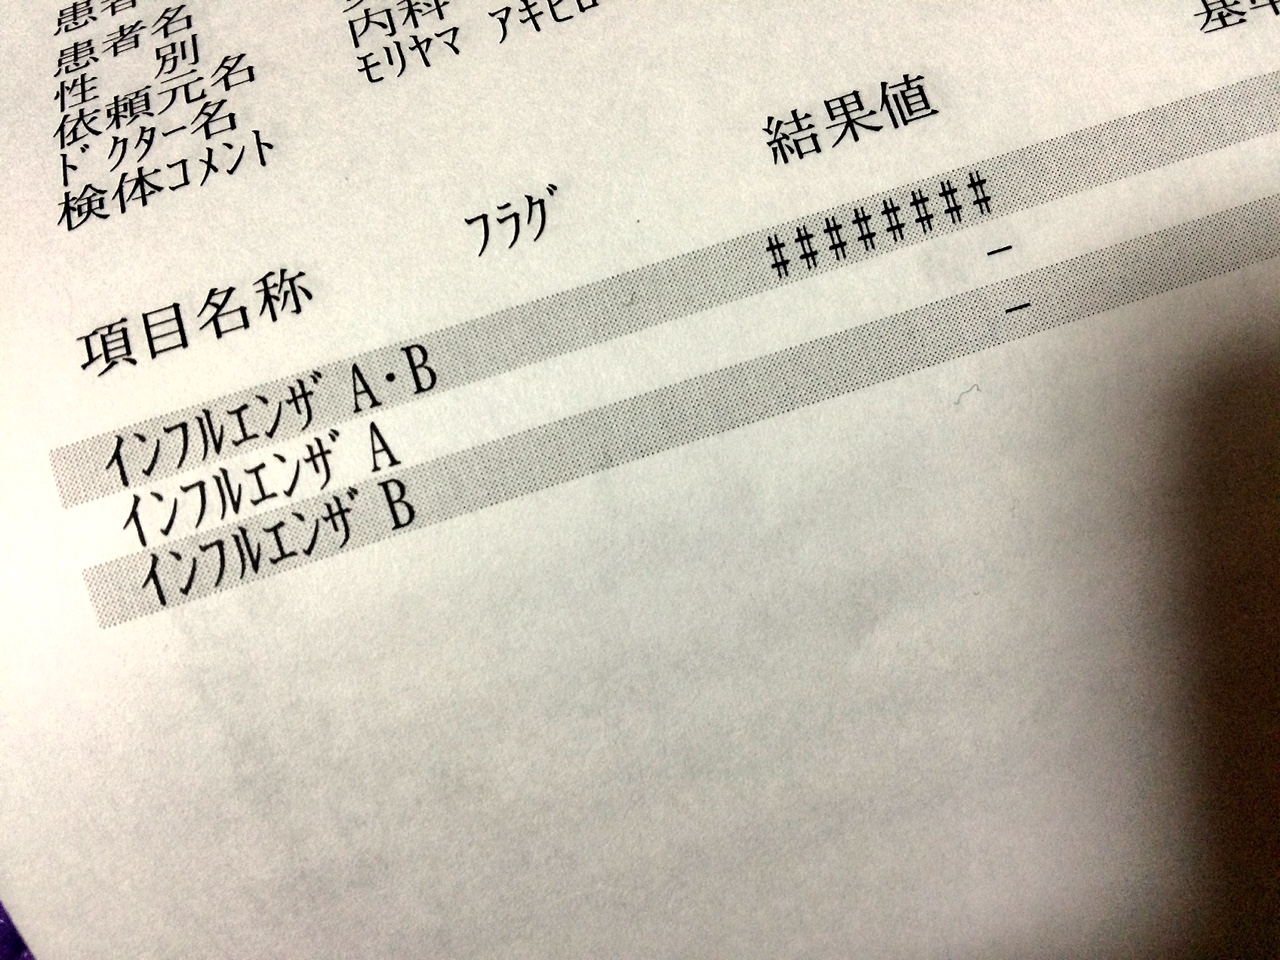 ☆インフル?!☆